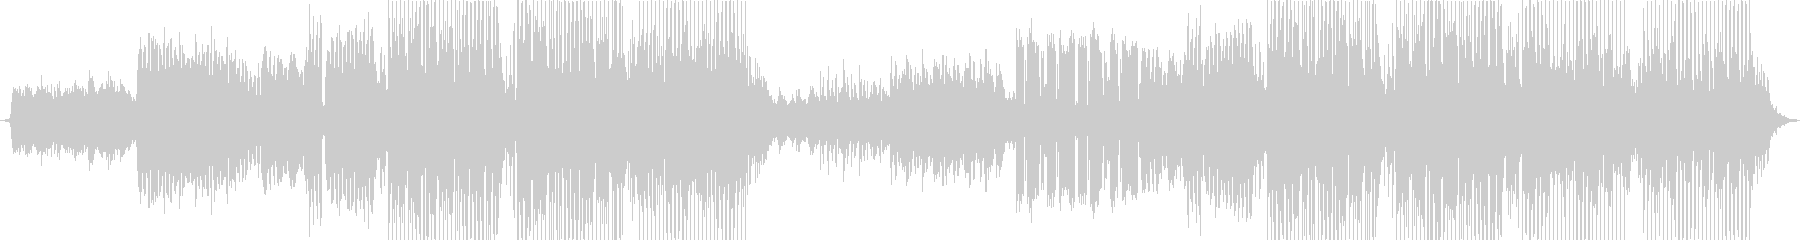 ピアノを使ったEDMの未再生の波形